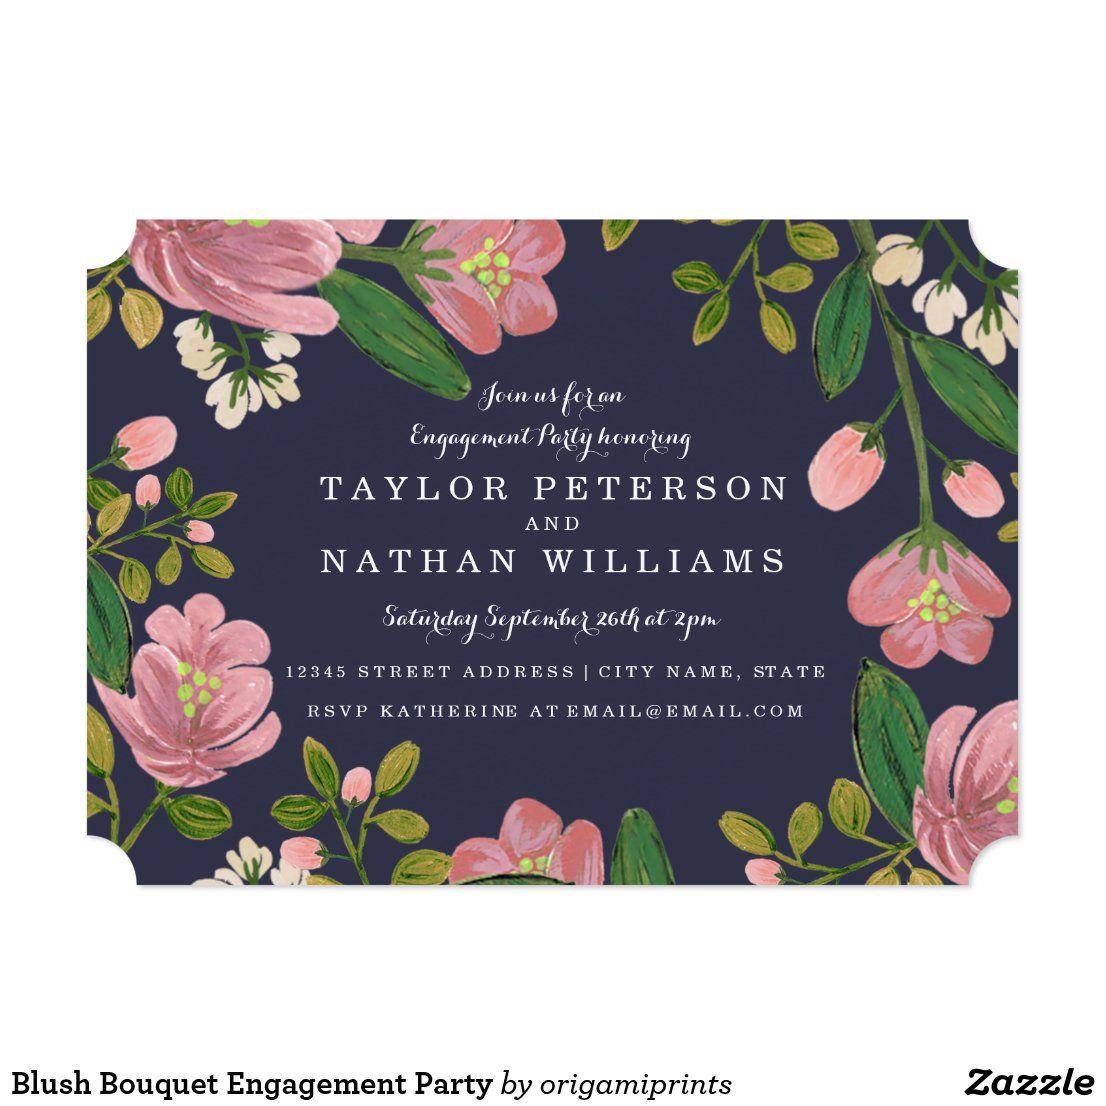 Blush Bouquet Engagement Party Invitation Zazzle Com Engagement Party Invitations Engagement Party Cards Engagement Party